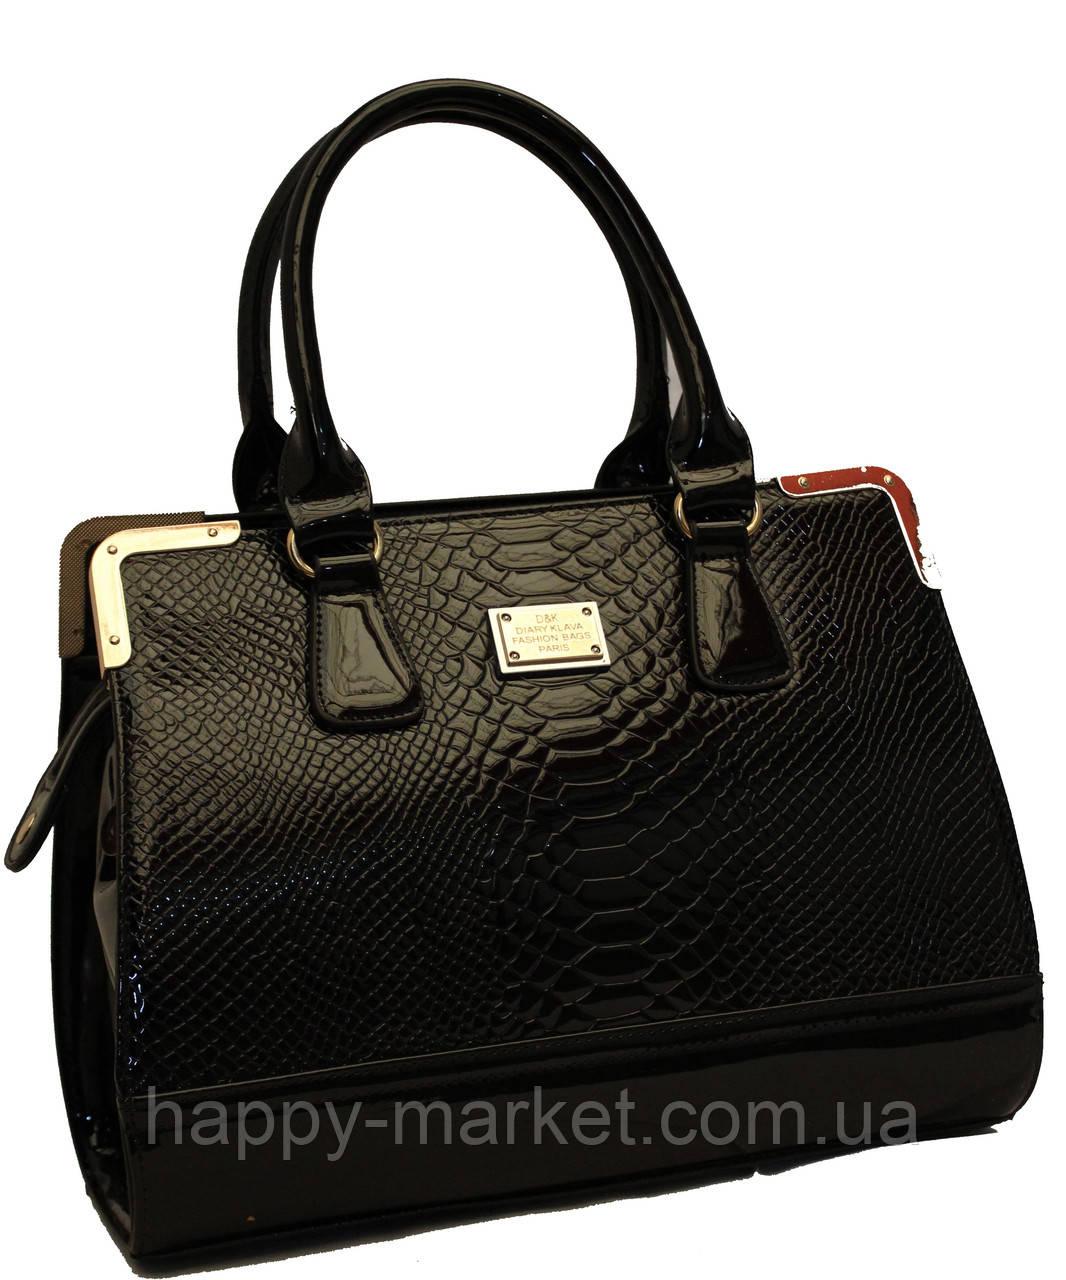 Сумка женская классическая каркасная Fashion 0121-1